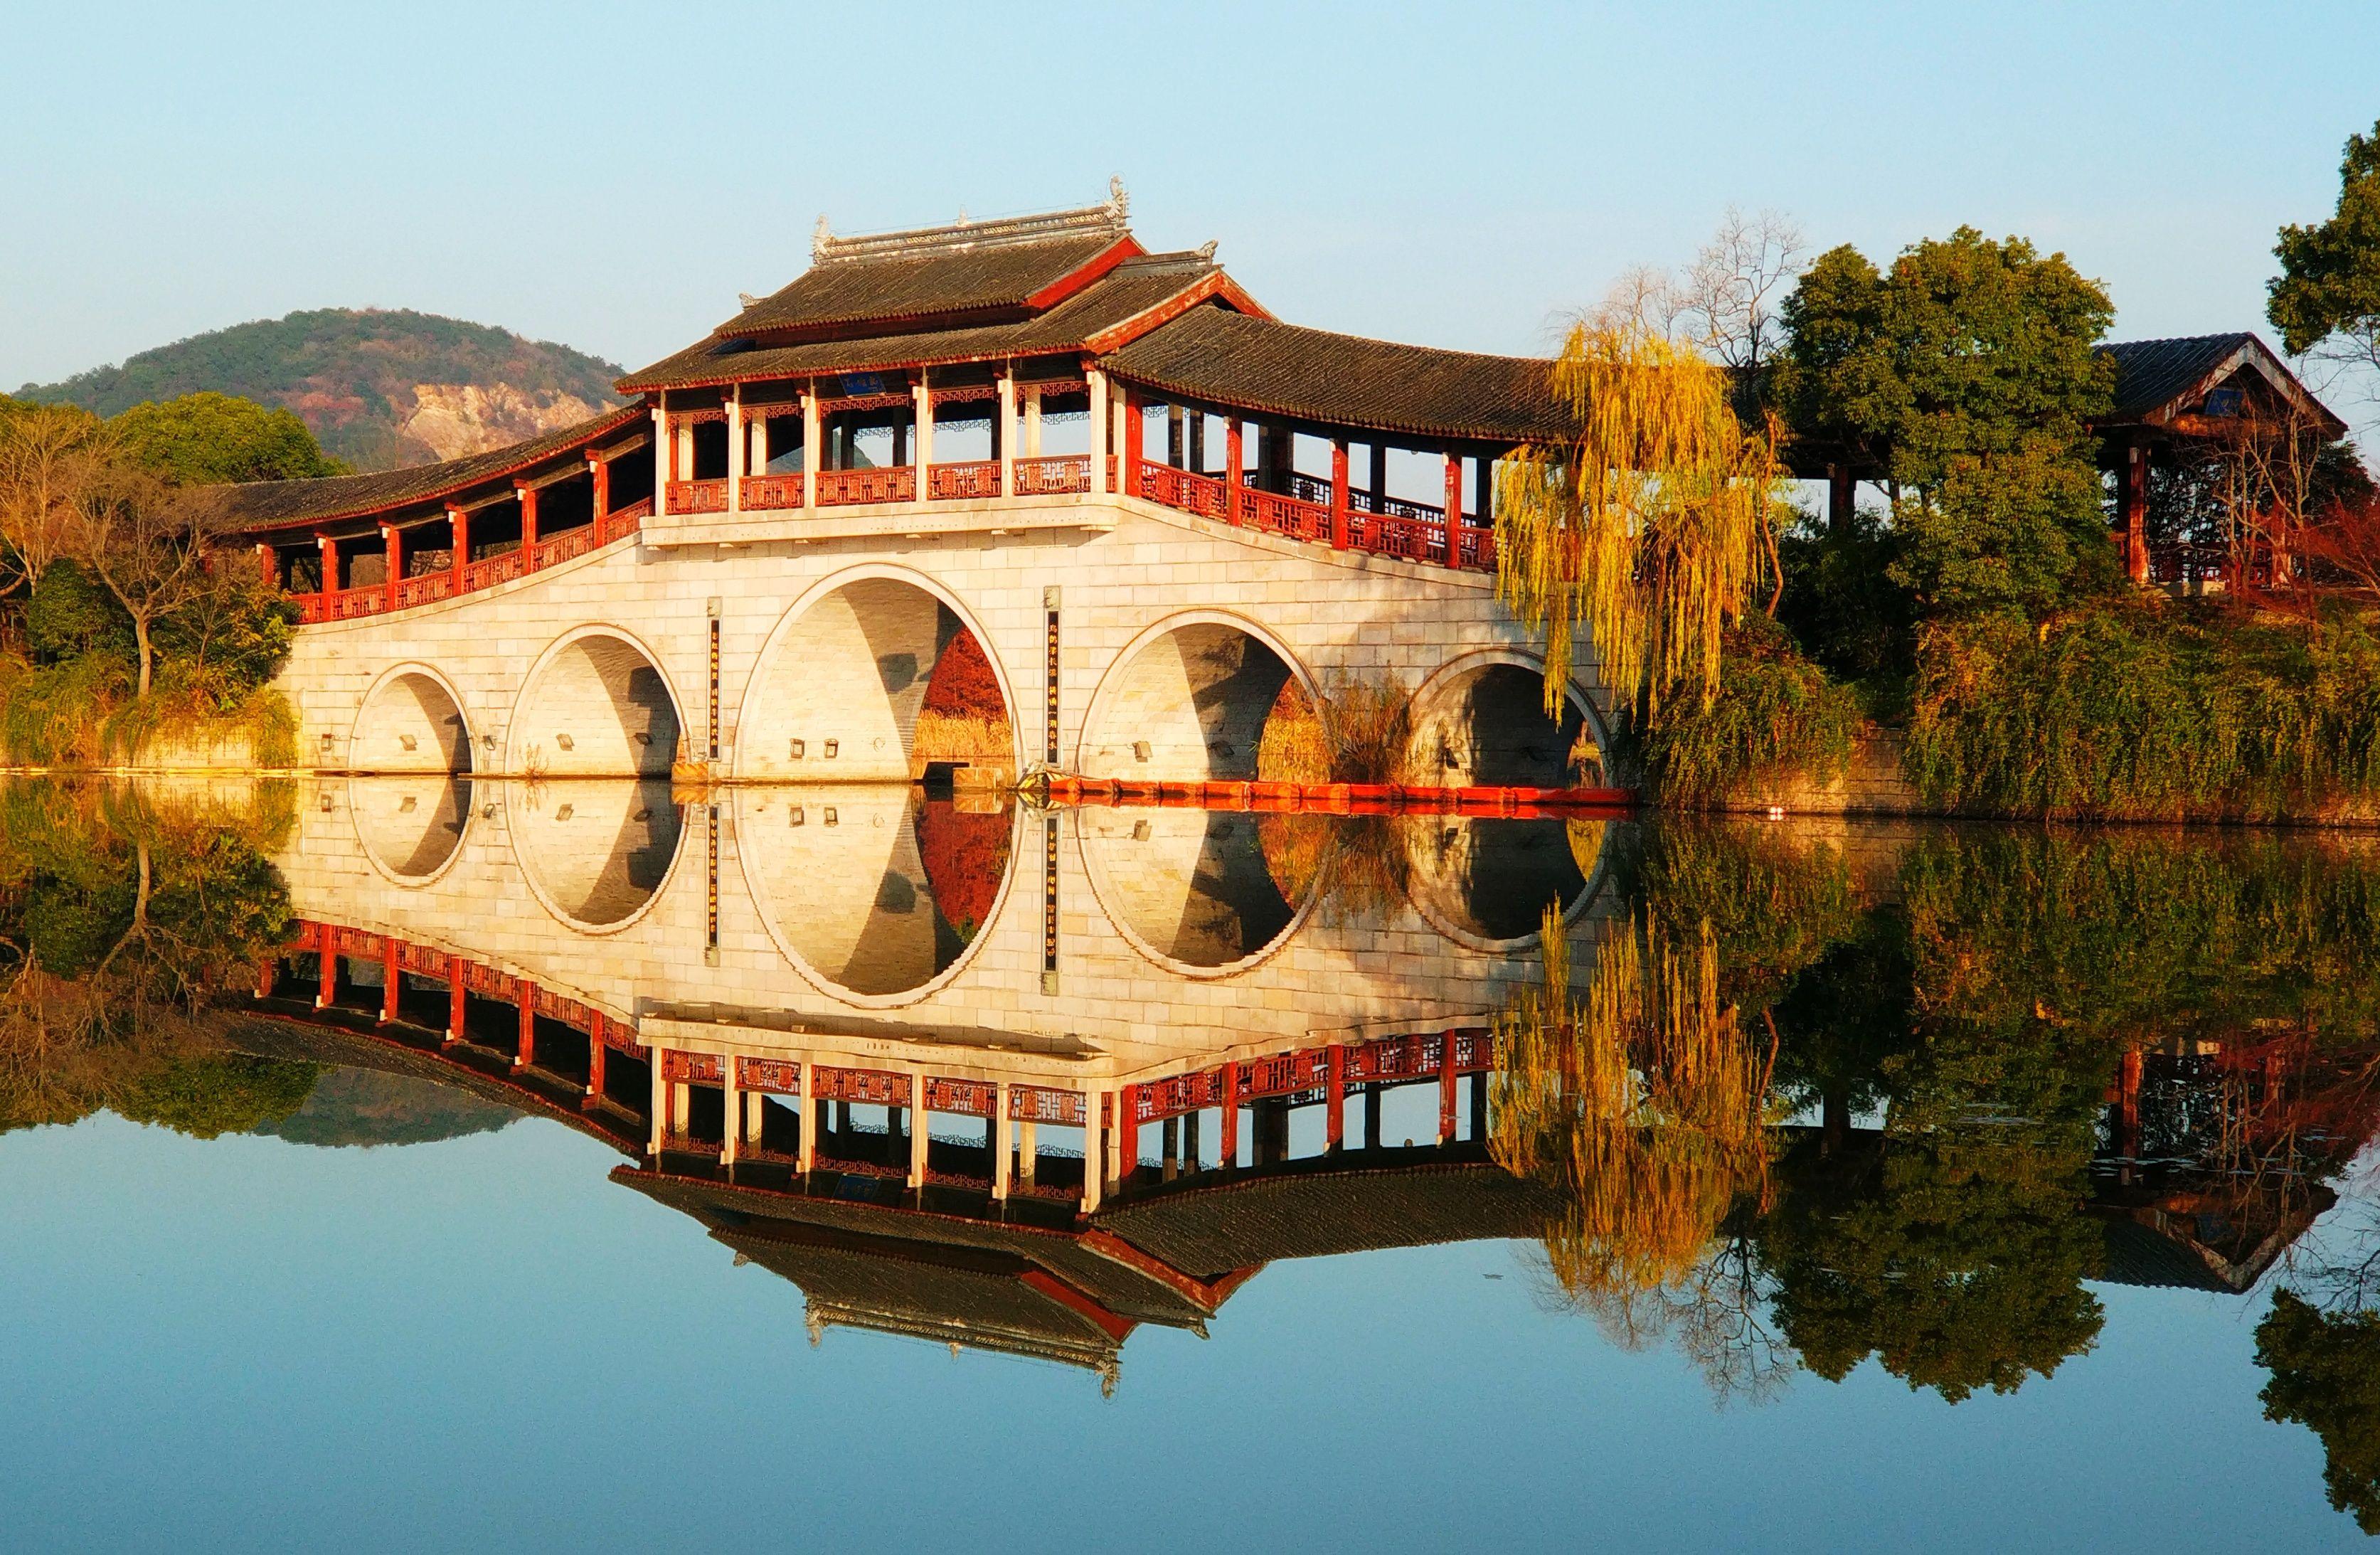 上海蘇州無錫南京揚州全覽豪華七天 無自費行程